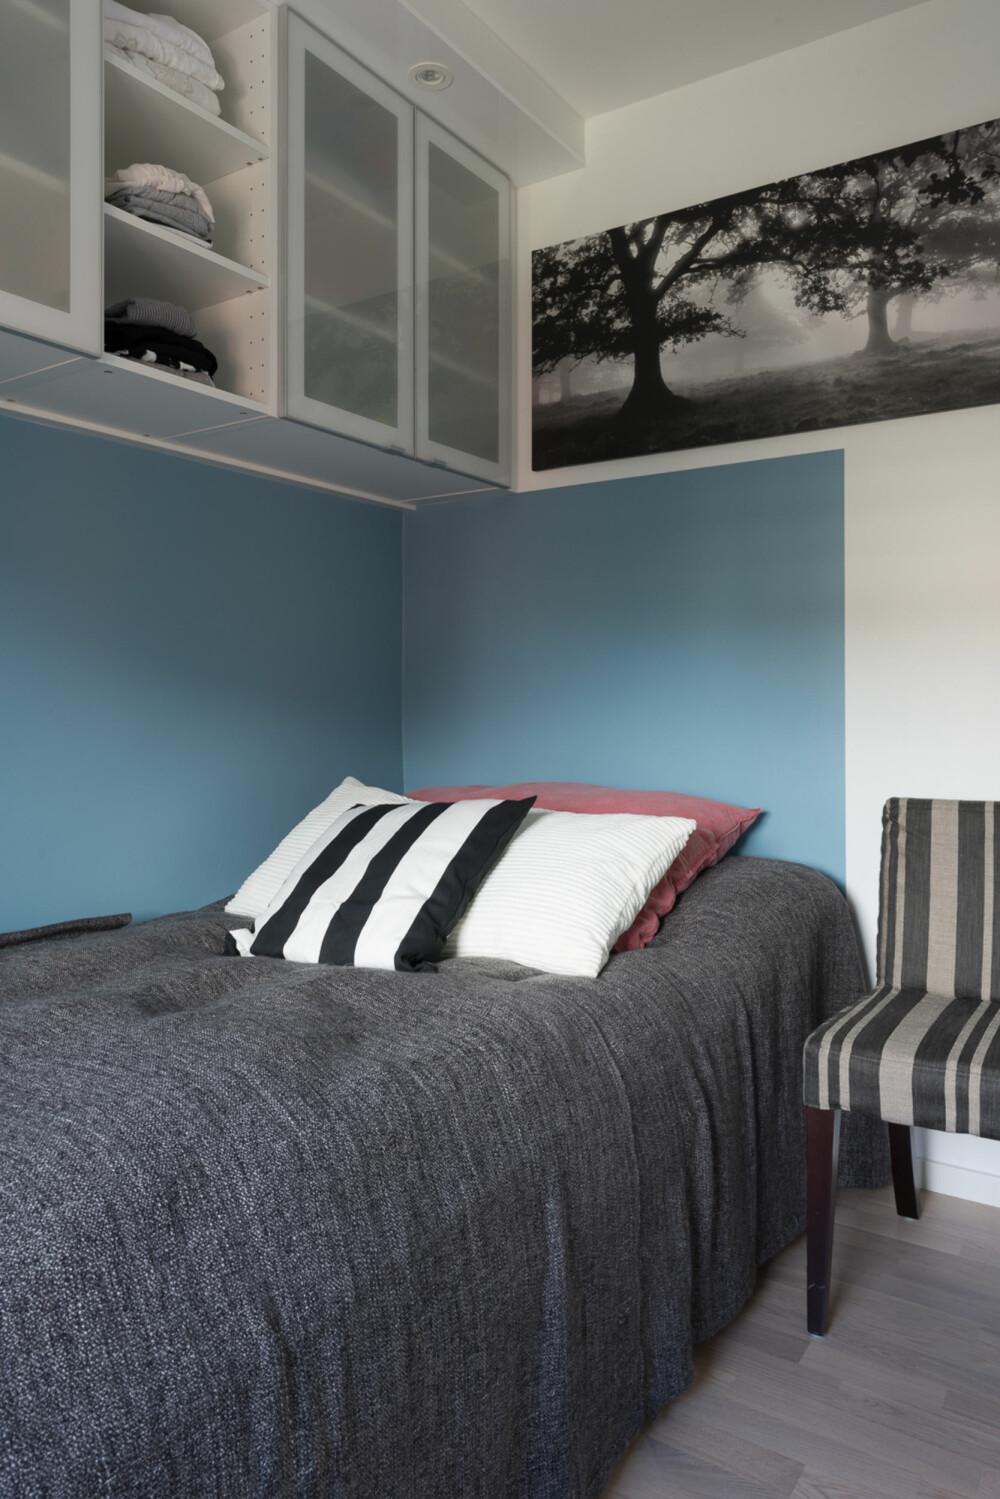 Blå søvn. For å lage sovesonen mer intim, ble nisjen over sengen malt i en kontrastfarge (Lady Havbris, NCS S 3020B). Den blå sonen går 120 centimeter ut fra langveggen og følger sengens mål.